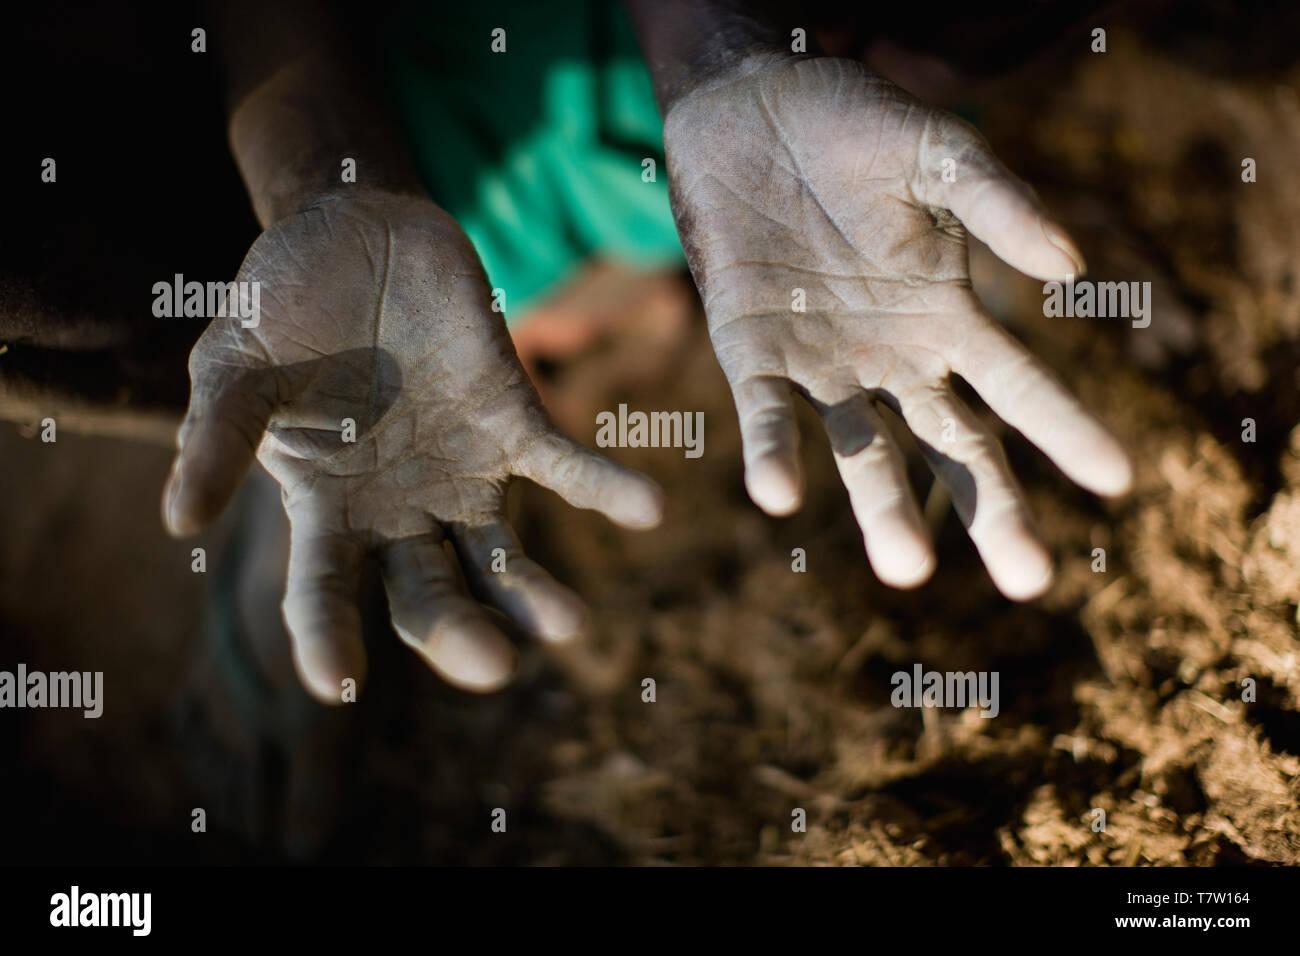 Que les mains sont sales provenant du sol. Banque D'Images